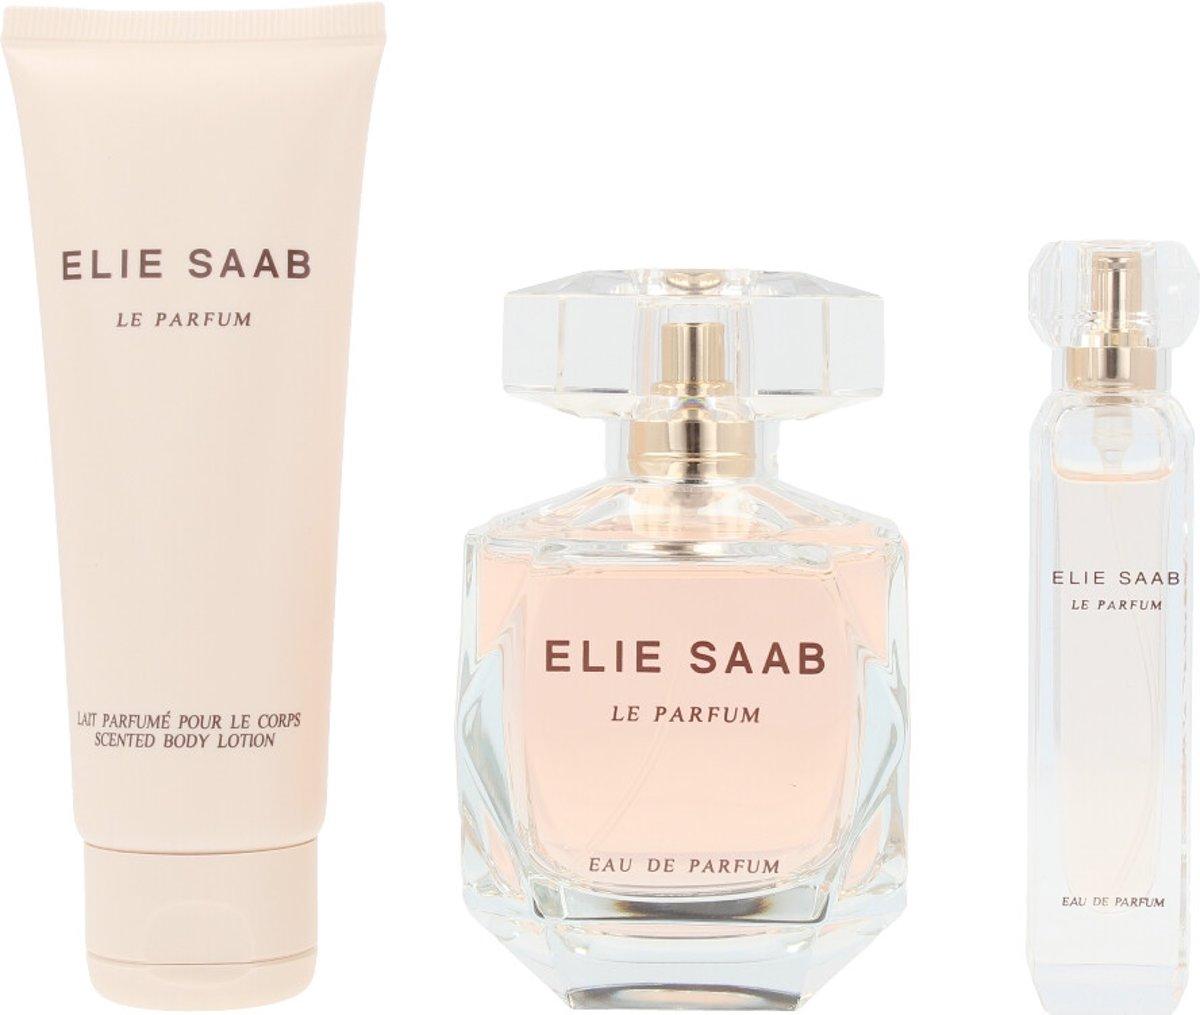 Elie Saab Le Parfum 90 ml Edp + BL + 10ml Edp set